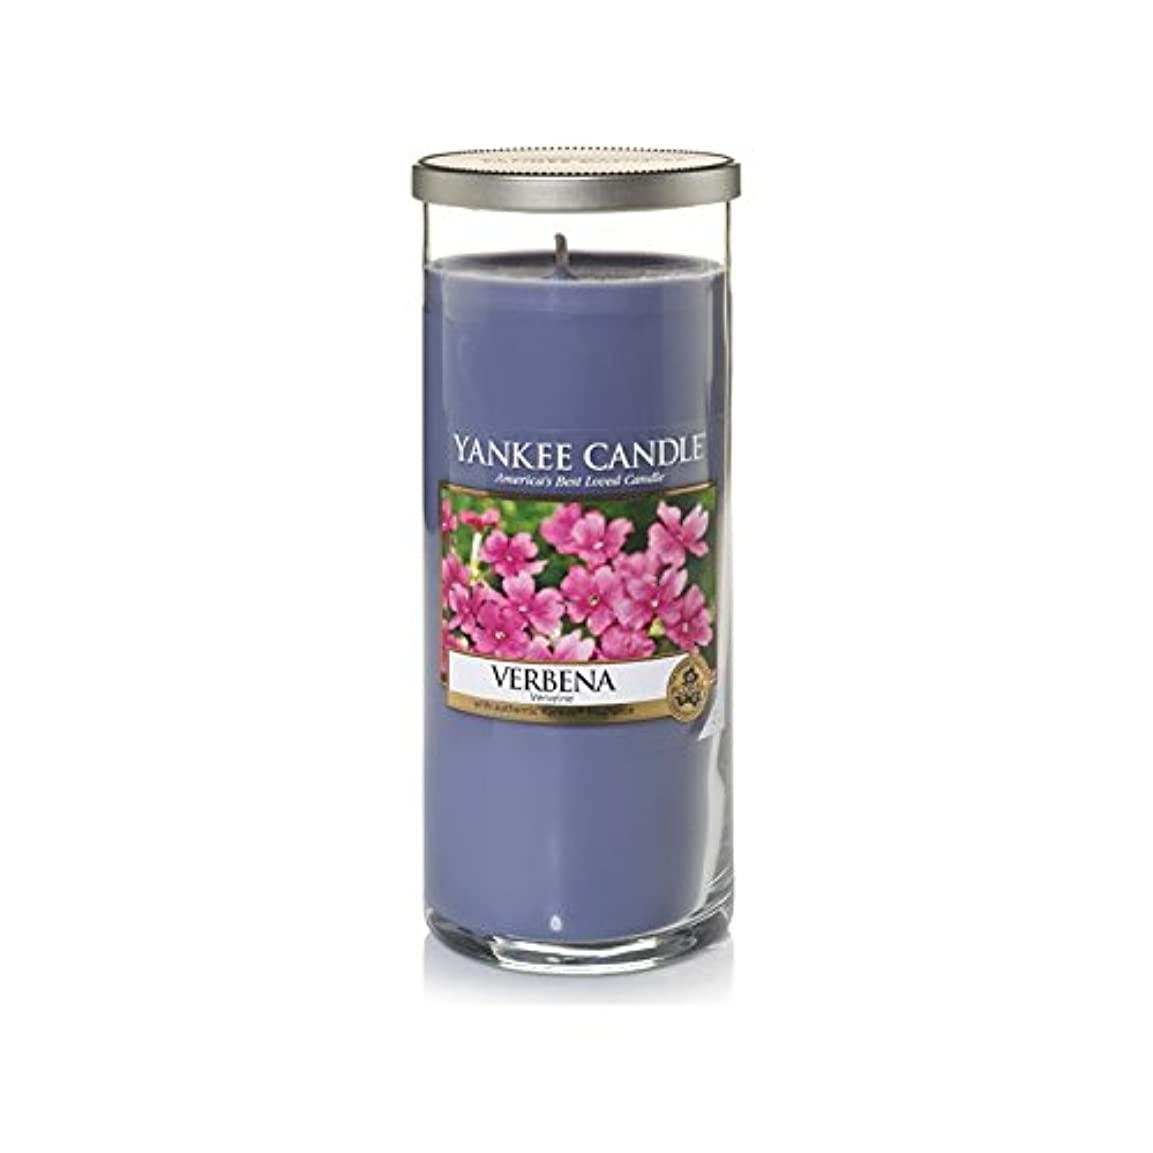 Yankee Candles Large Pillar Candle - Verbena (Pack of 2) - ヤンキーキャンドル大きな柱キャンドル - バーベナ (x2) [並行輸入品]